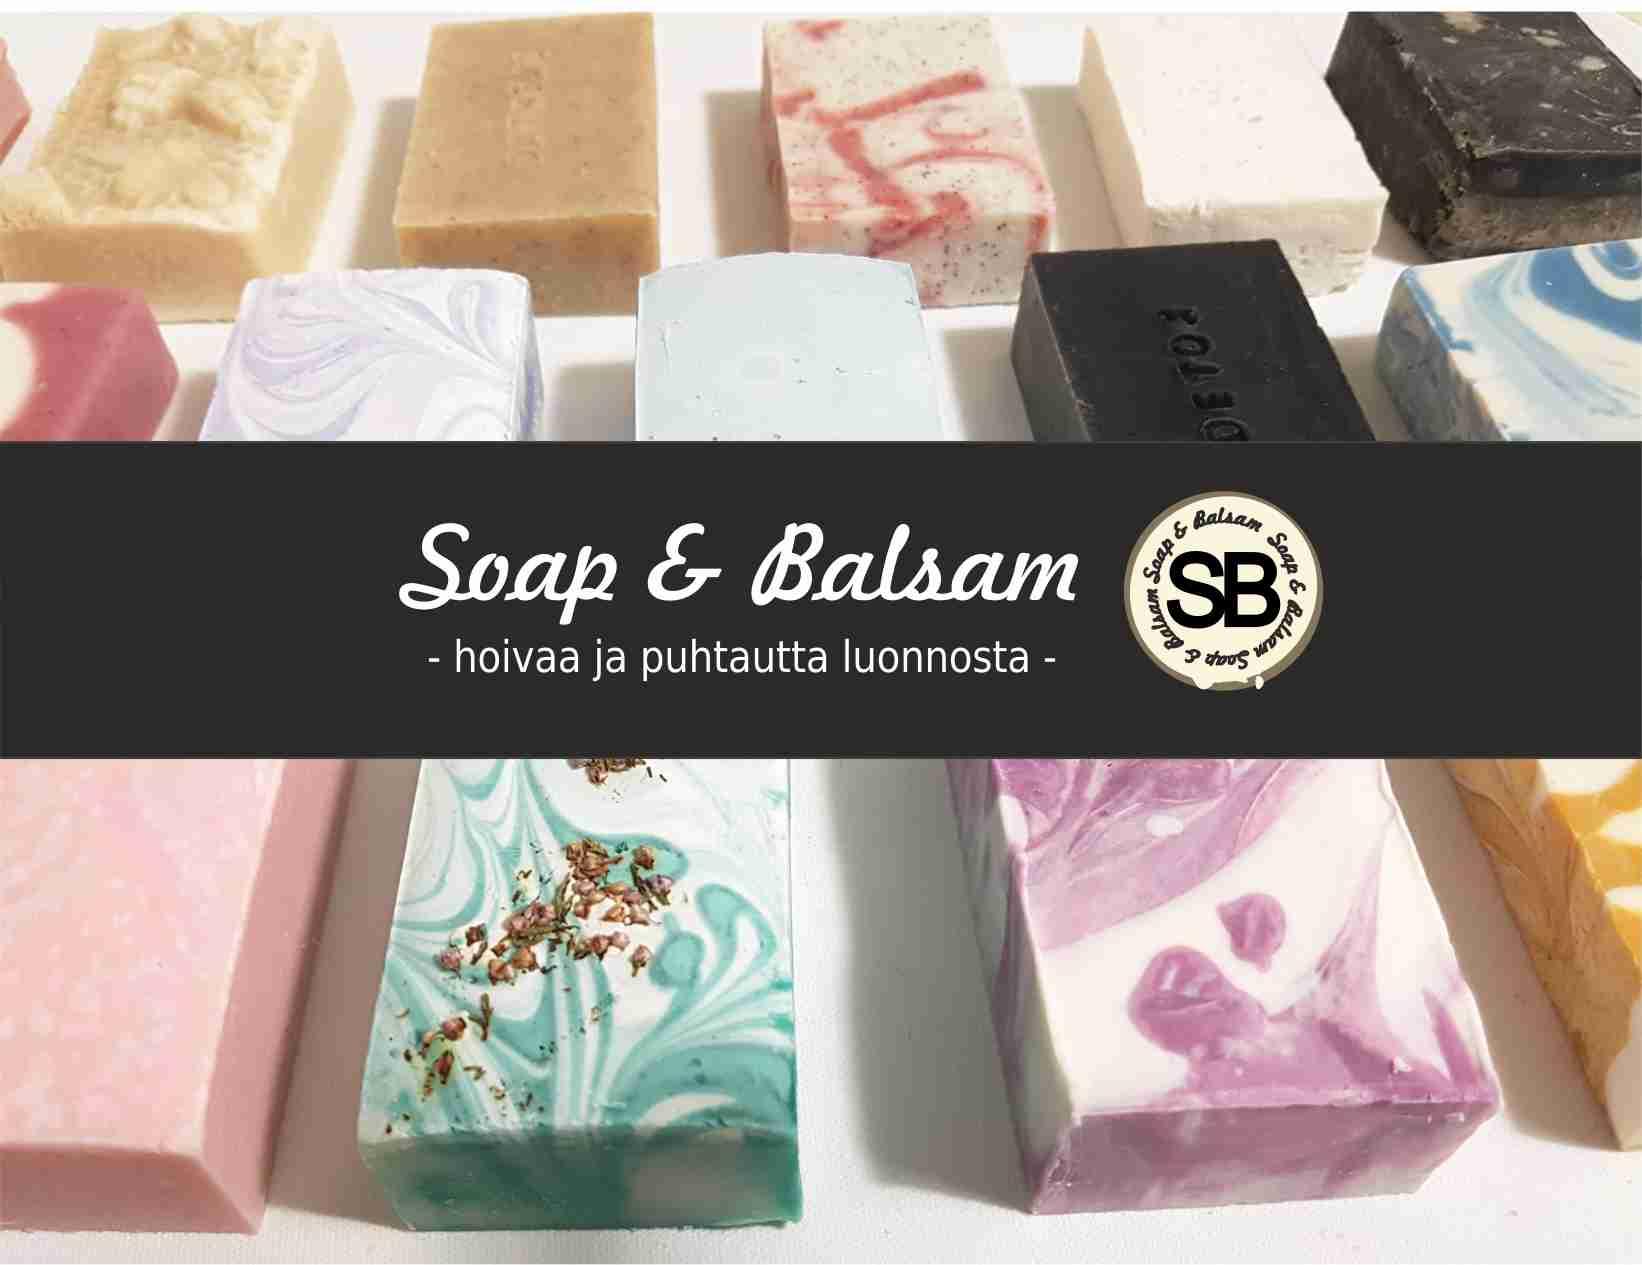 Soap & Balsam SB